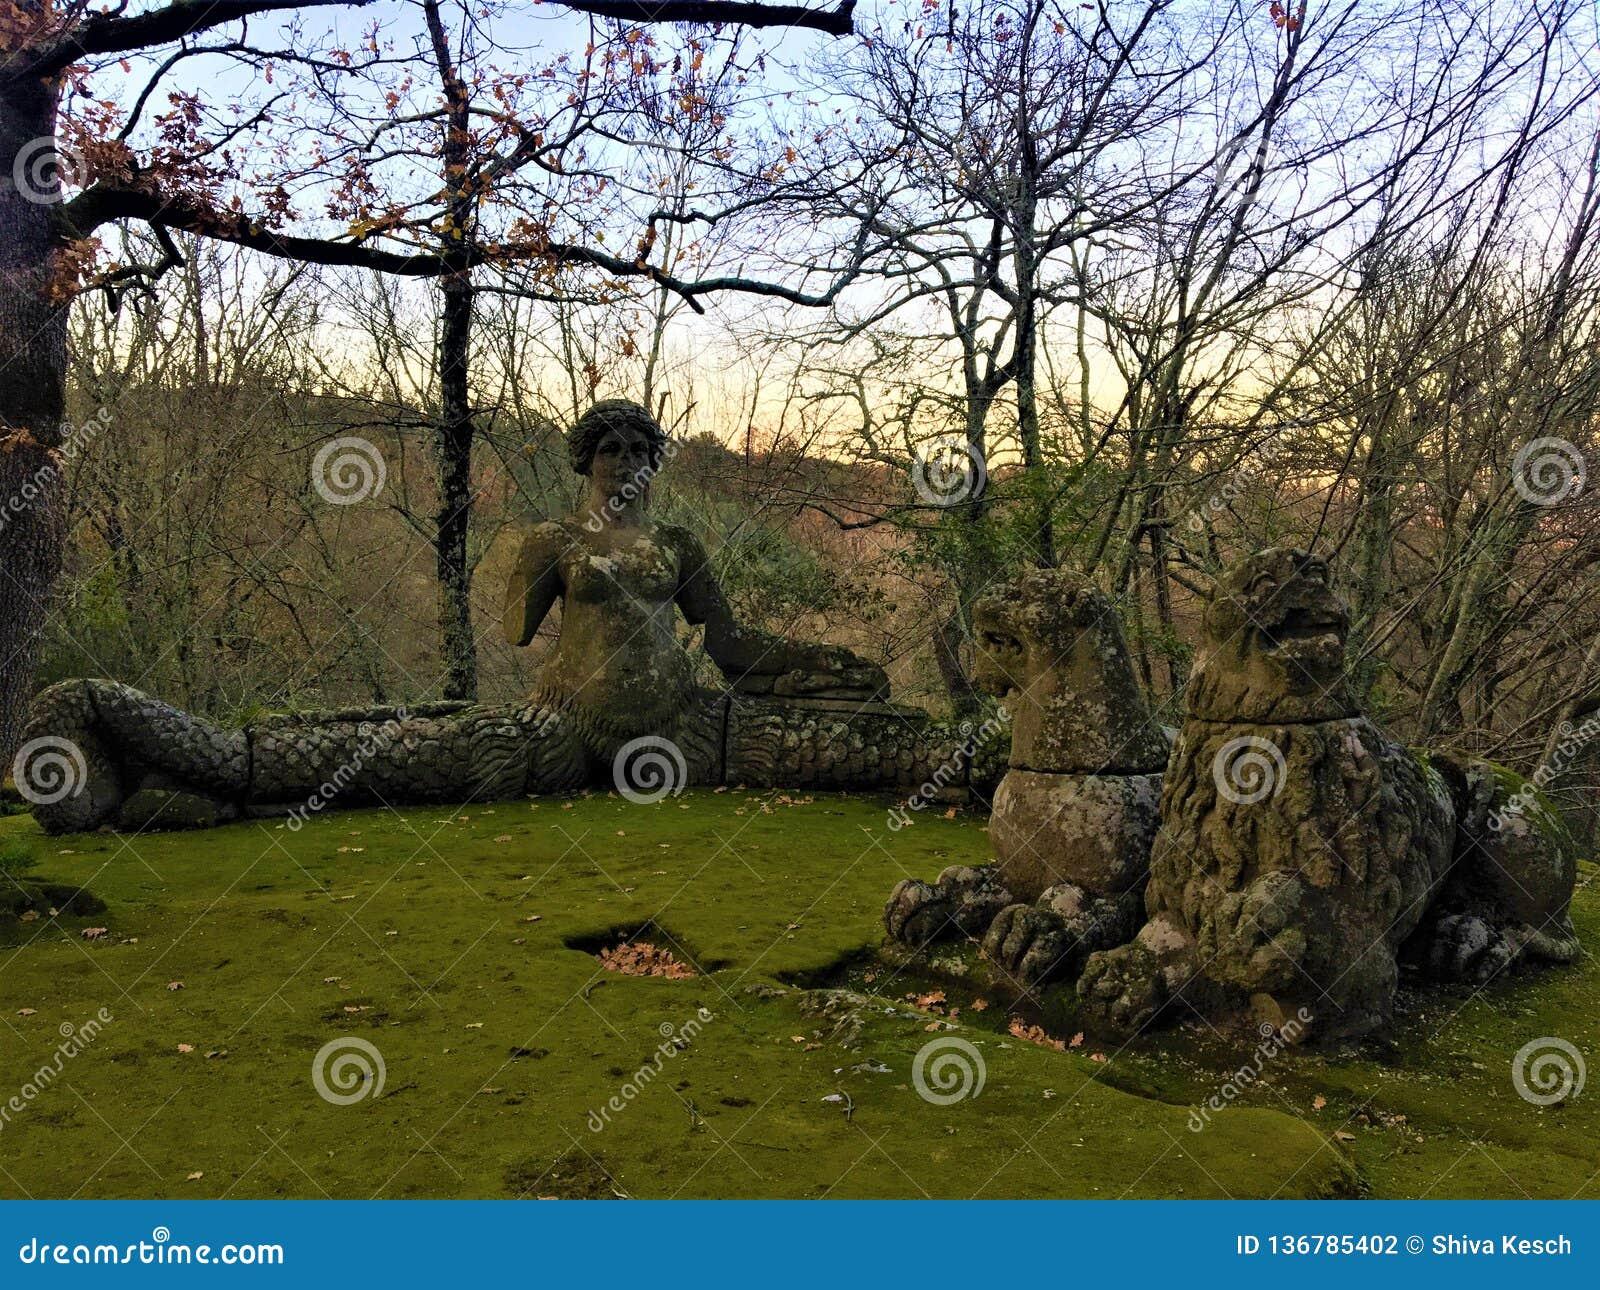 妖怪的公园,神圣的树丛,博马尔佐庭院  与警报器的狮子和雌狮休息